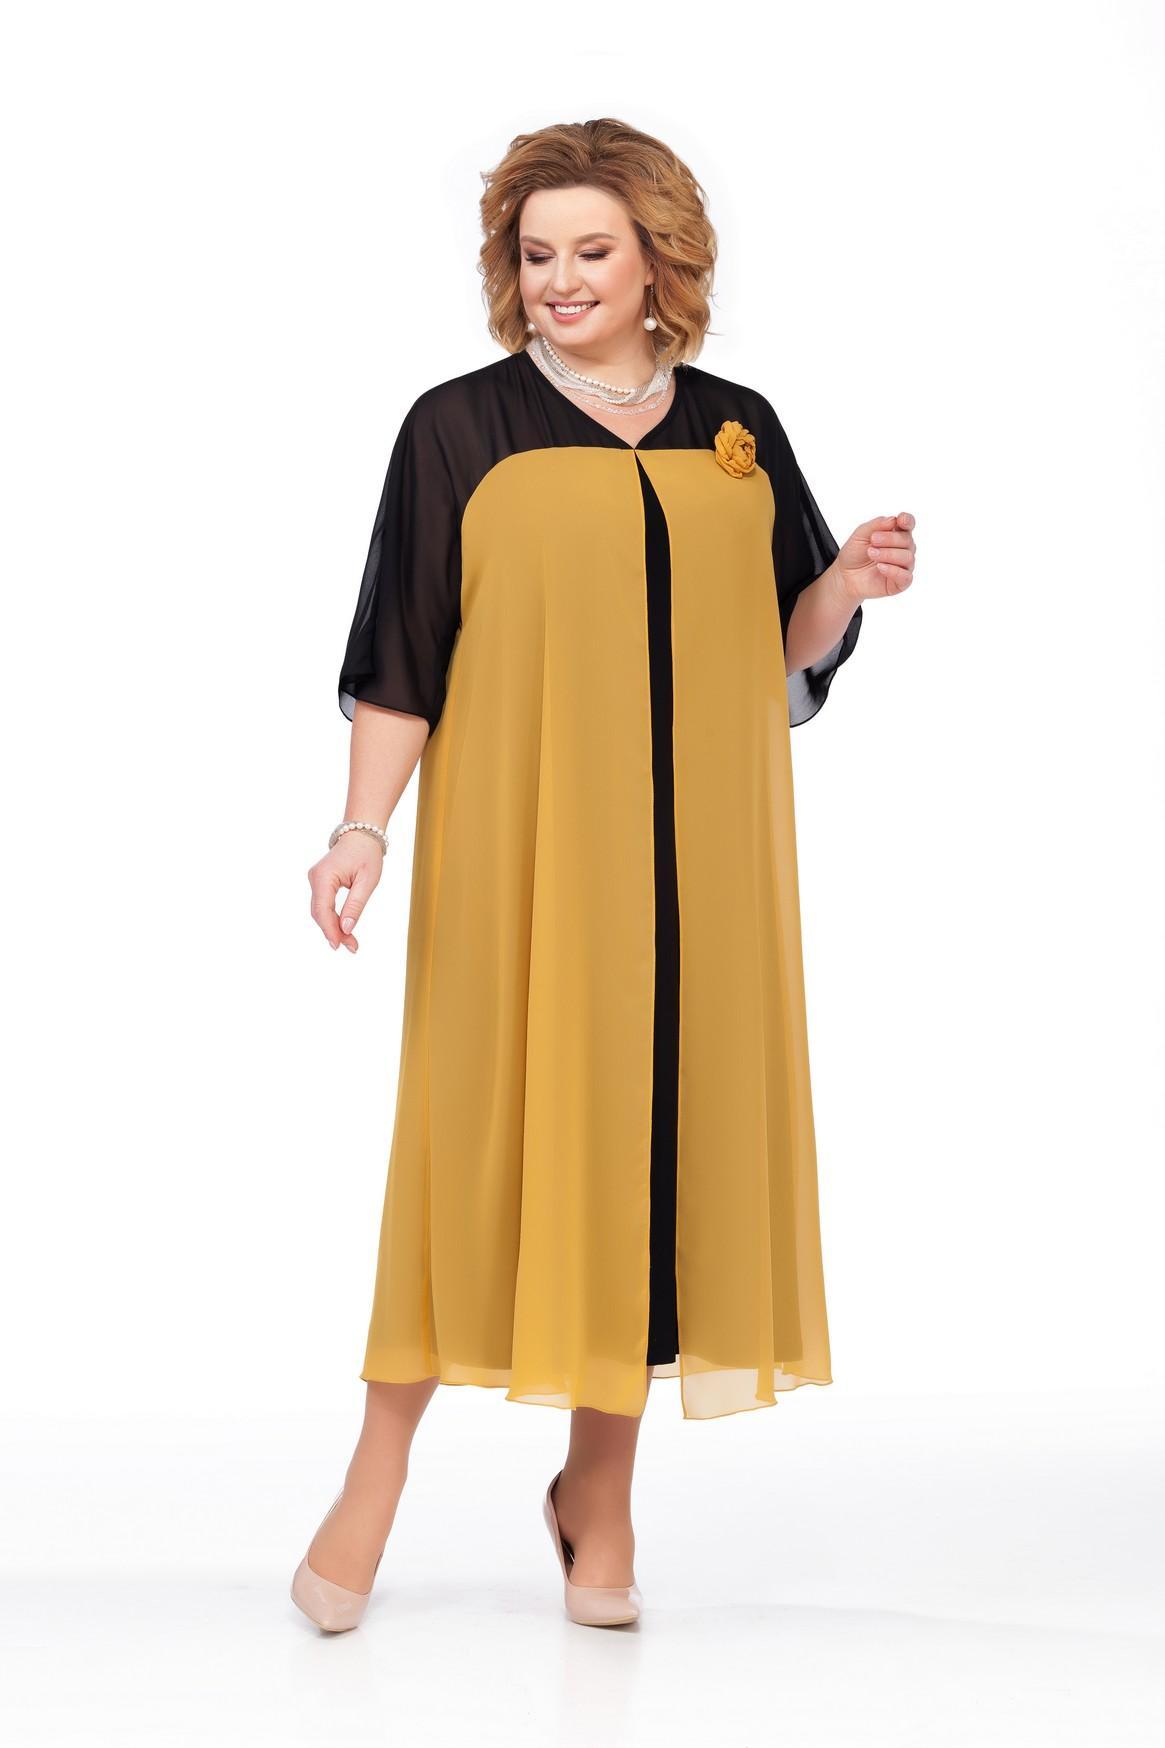 4e51ddaf6f02caa Платья для полных купить, модное платье больших размеров в Астане, Алматы.  eModa интернет-магазин одежды в Казахстане